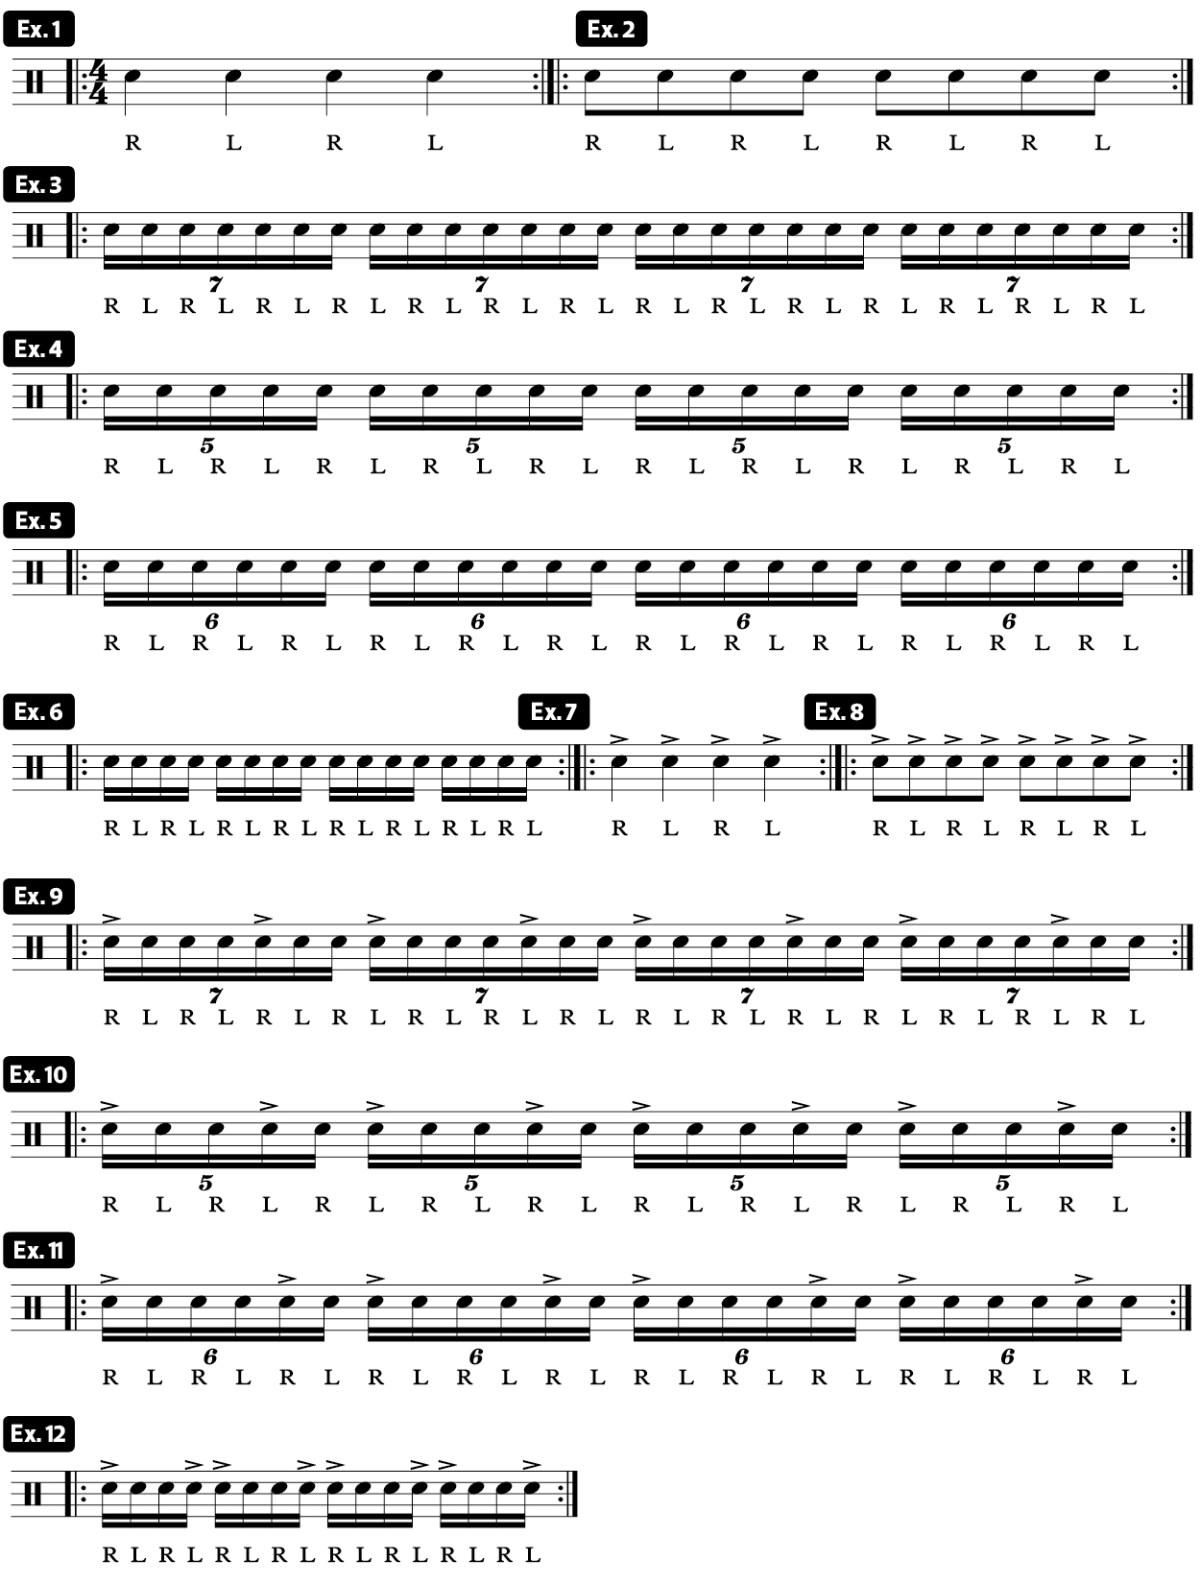 drag beat practice pad drum lesson video ex1-12